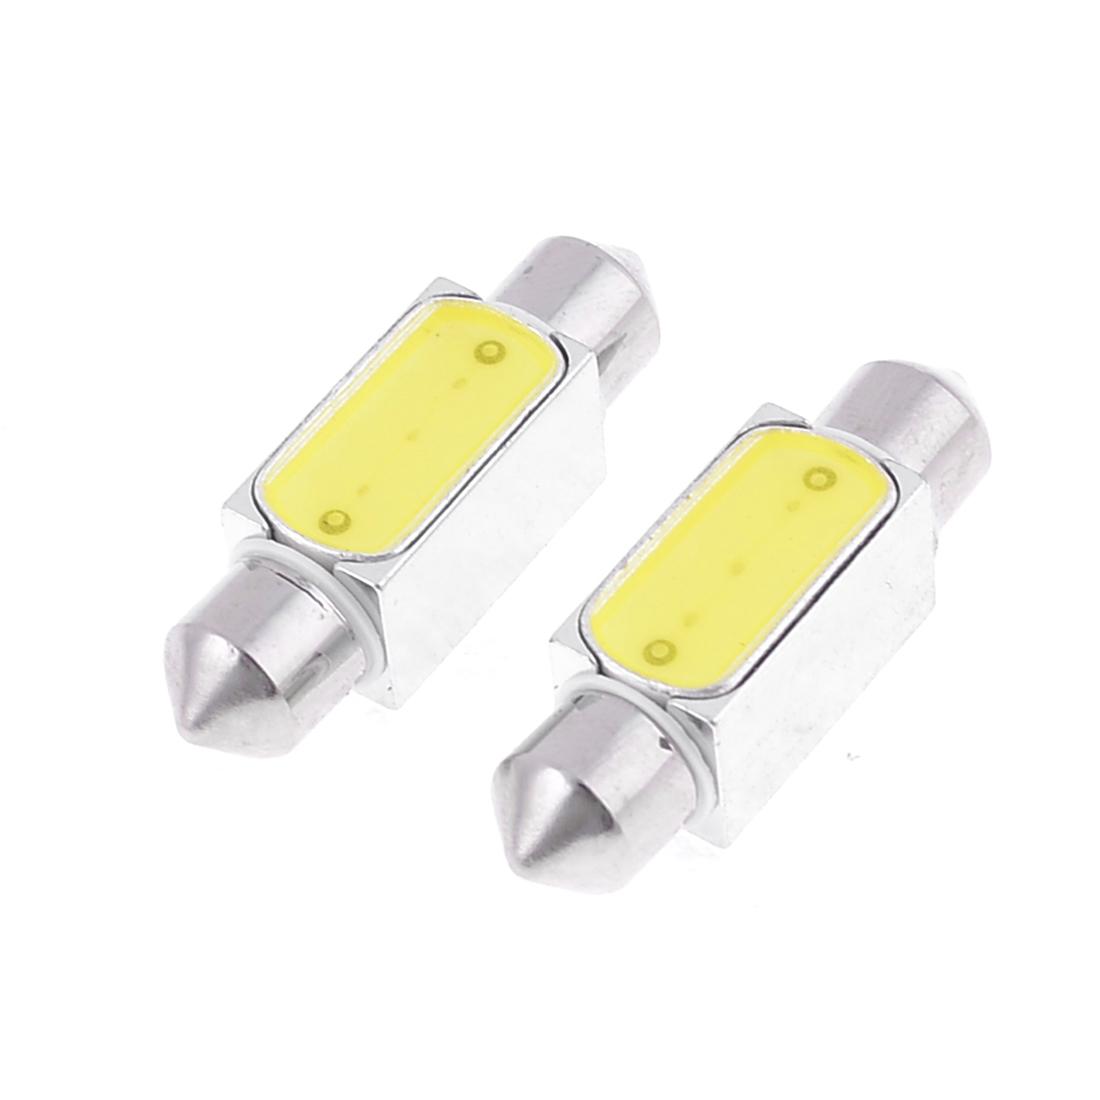 """2 x White LED 3W 36mm 1.5"""" Festoon Dome Light Lamp Bulb DE3021 6461 internal"""